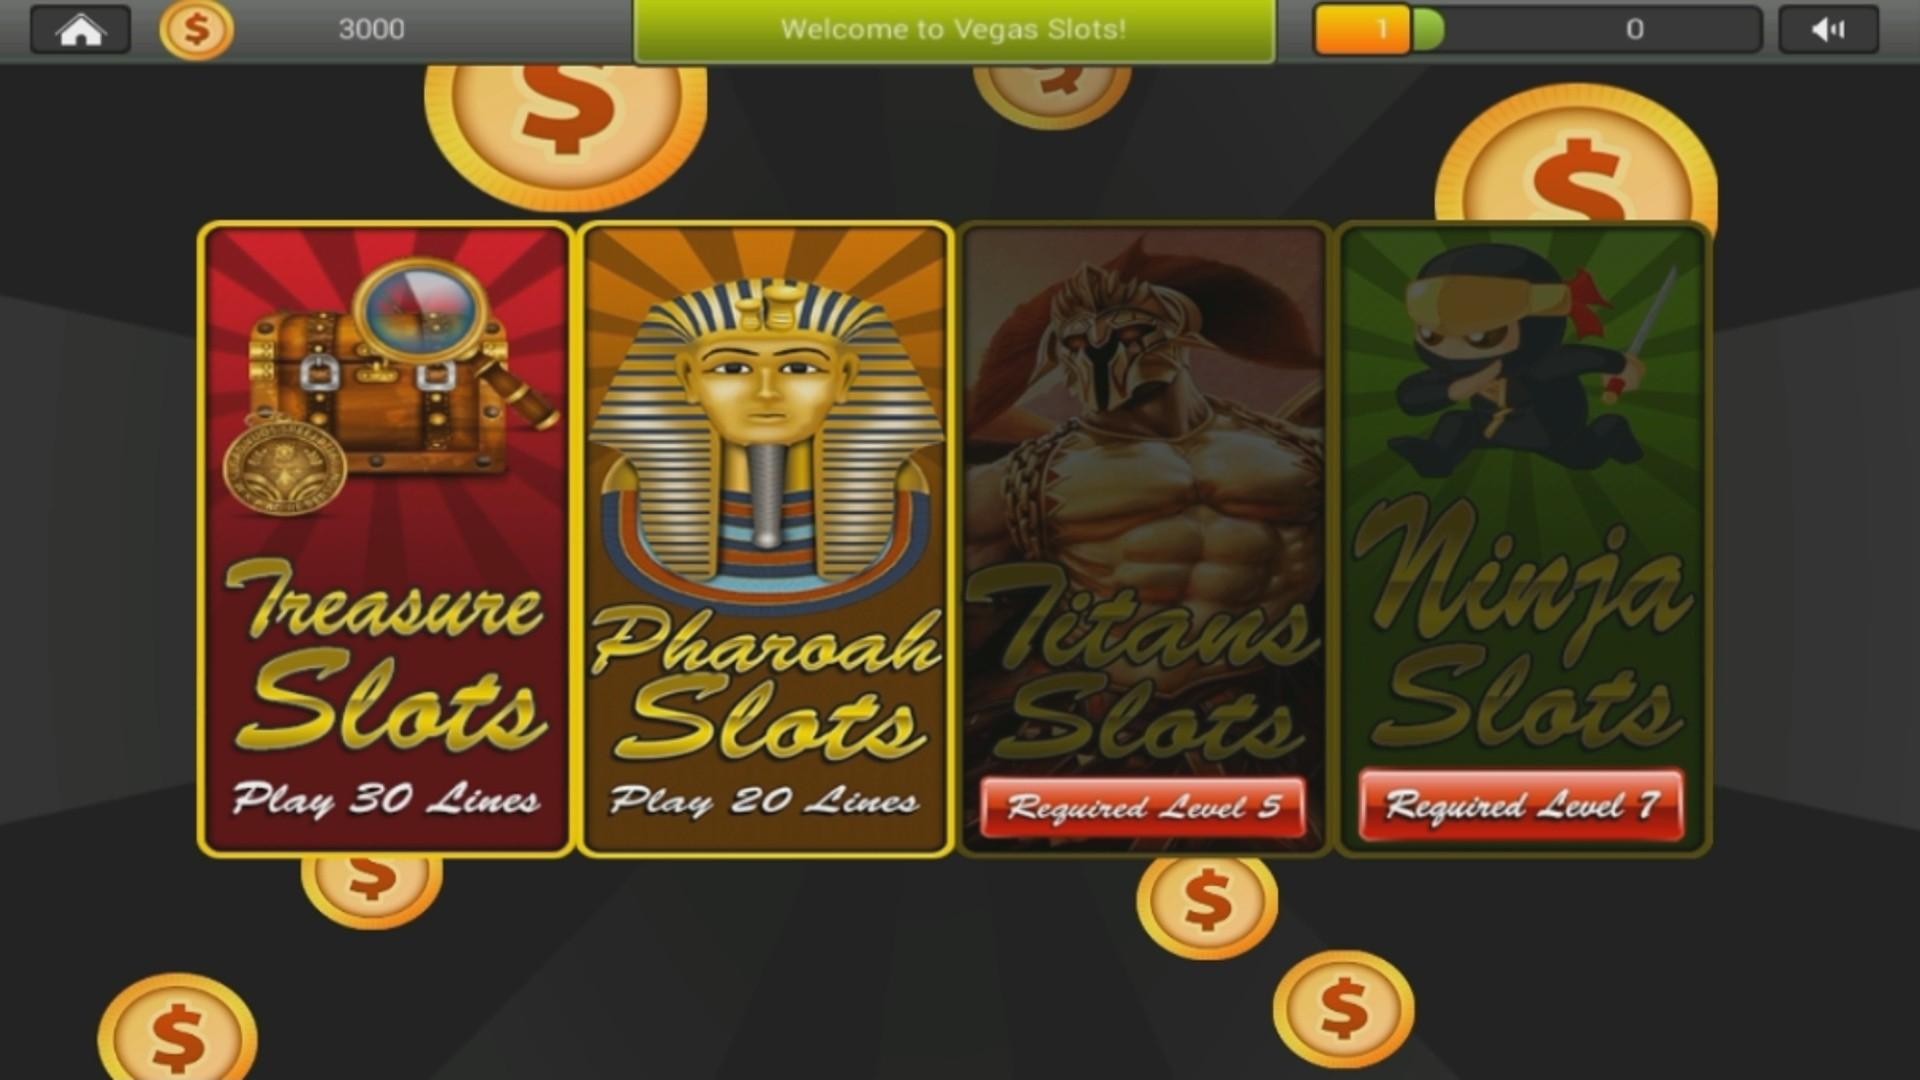 Tesoro Paradise Island Slots of Fun gratis - Viaje al Casino ...